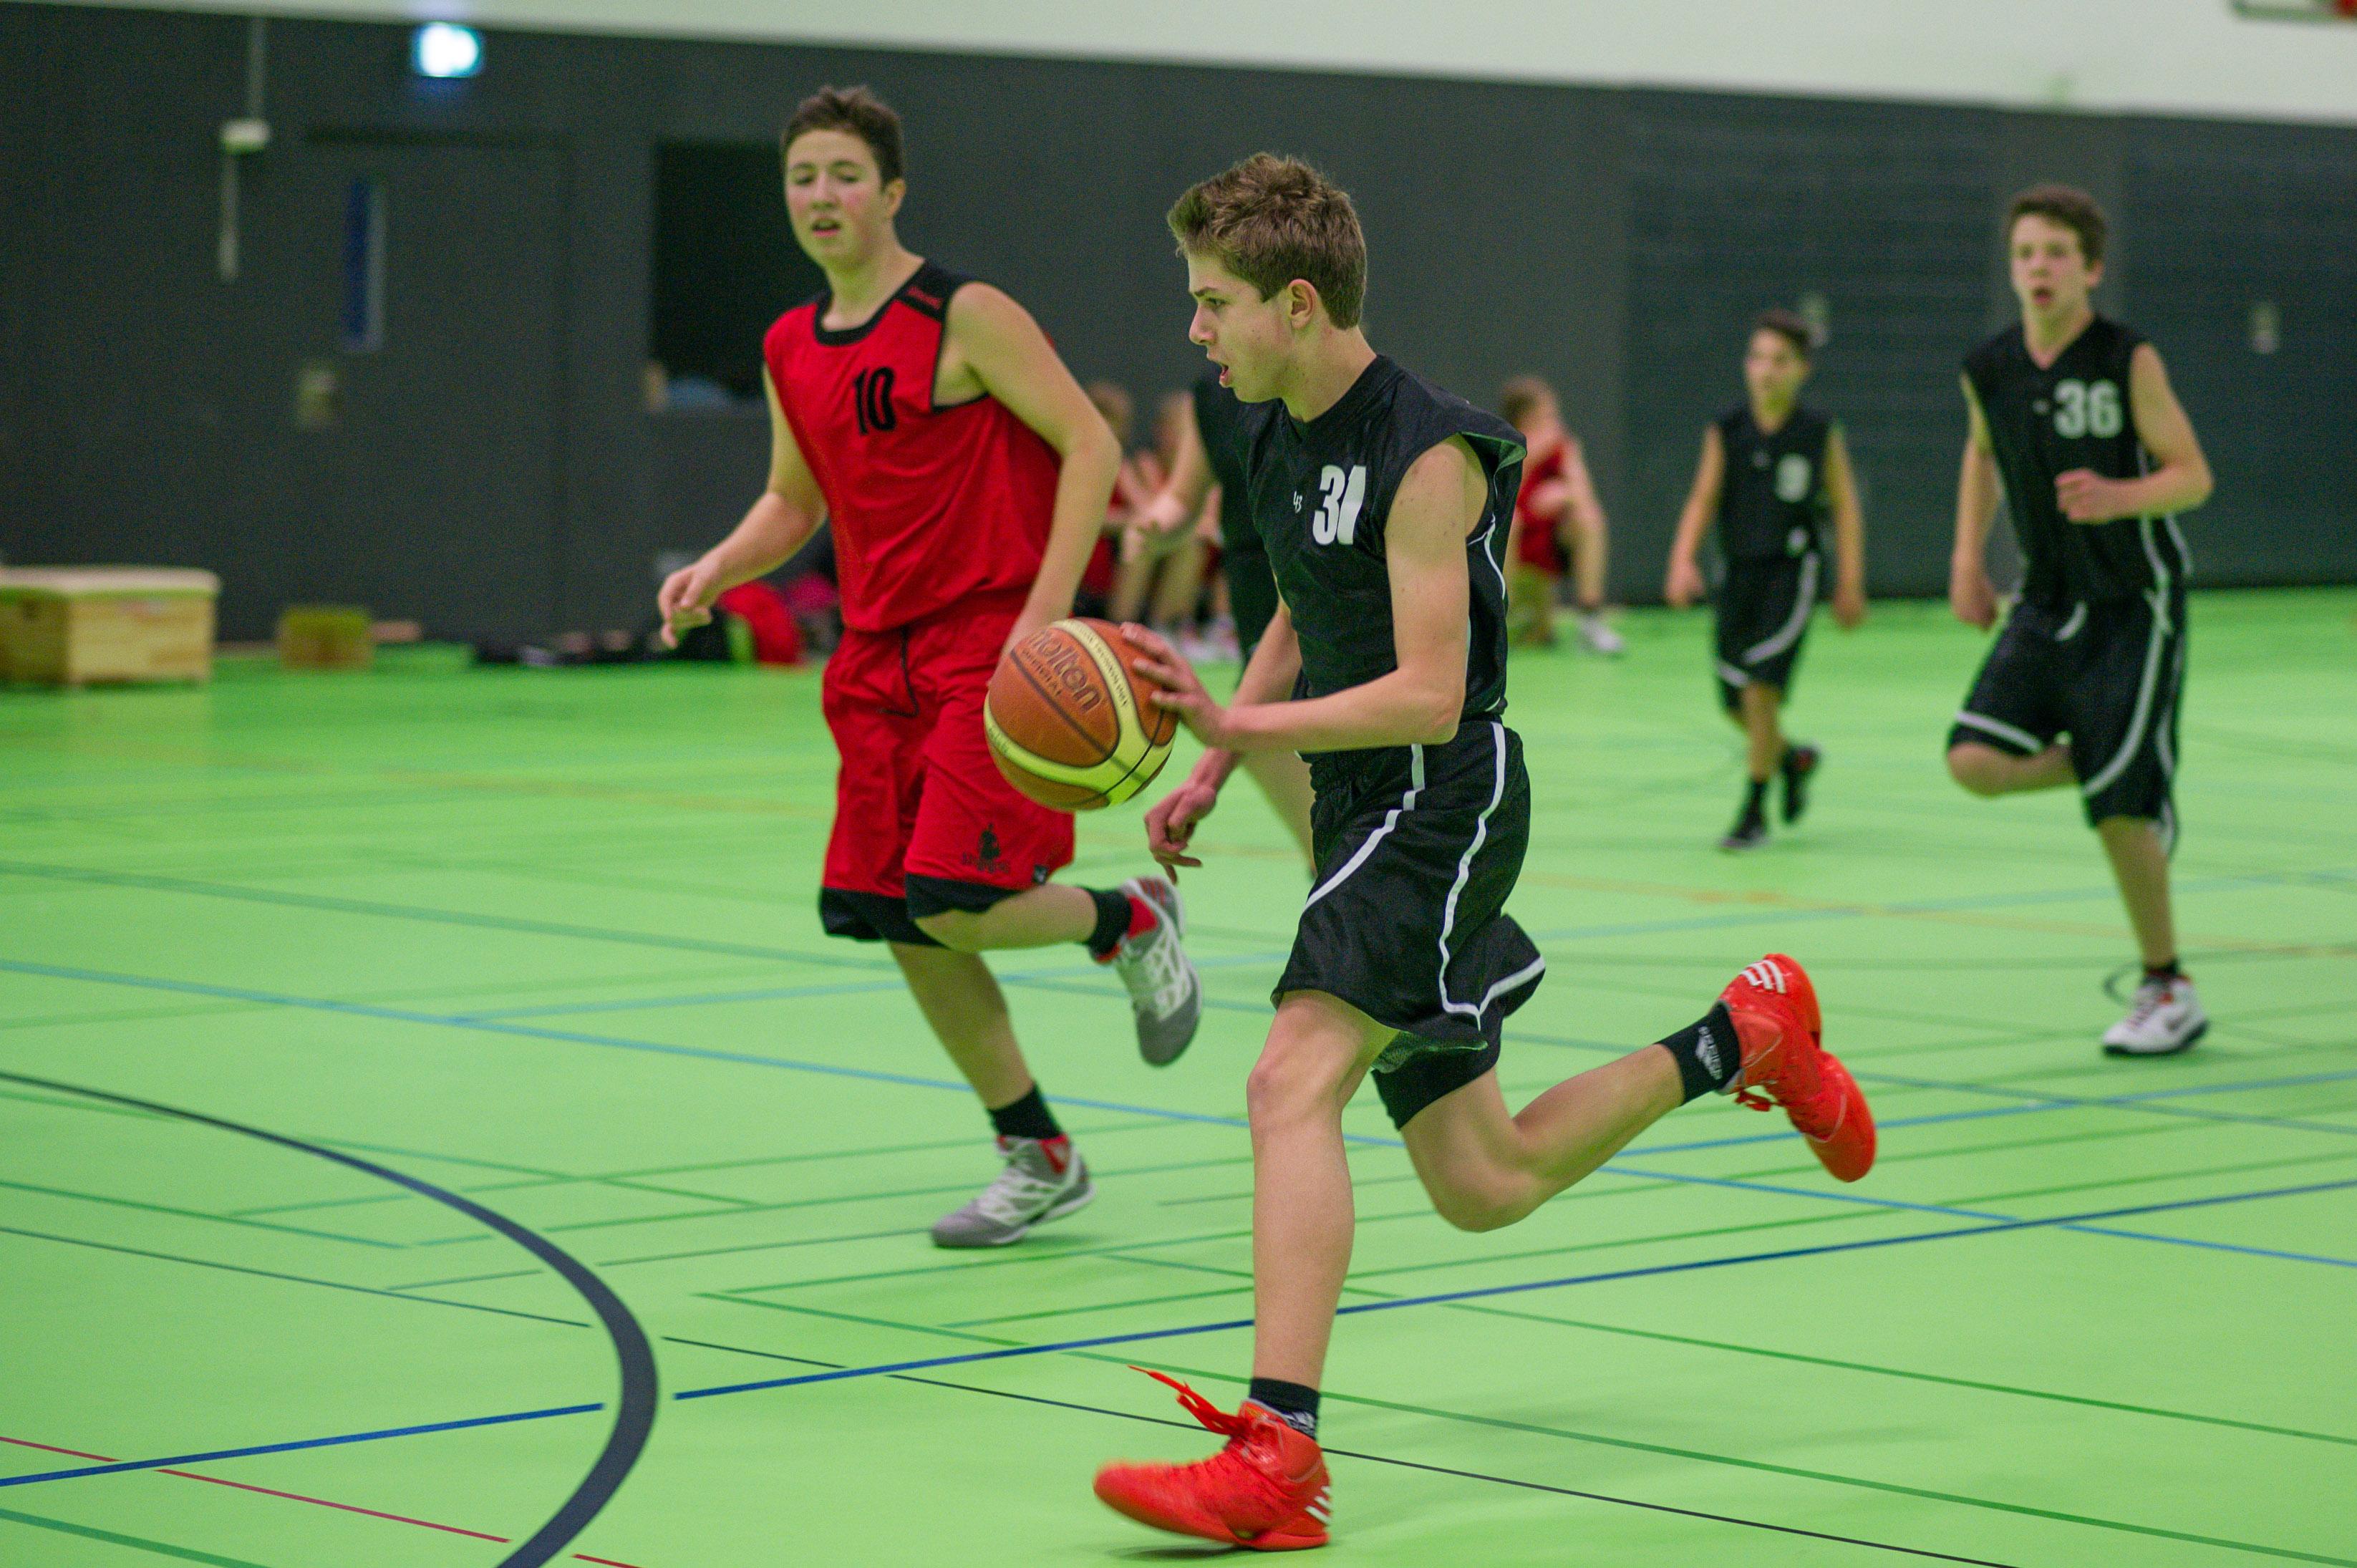 basketball-u14-spiel-16-9-2012-007-2